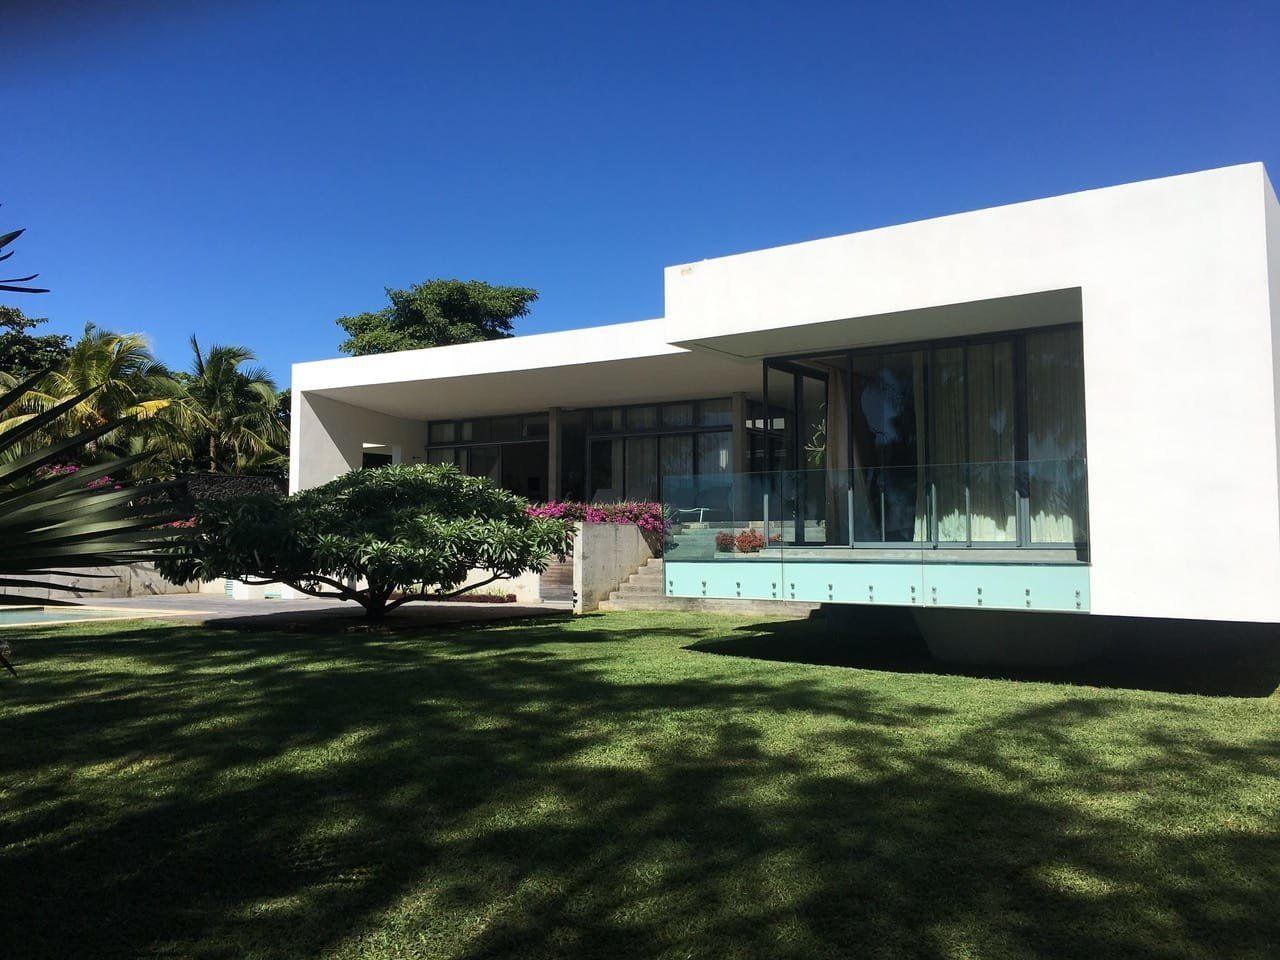 Maison à vendre 5 3657.57m2 à Ile Maurice vignette-5